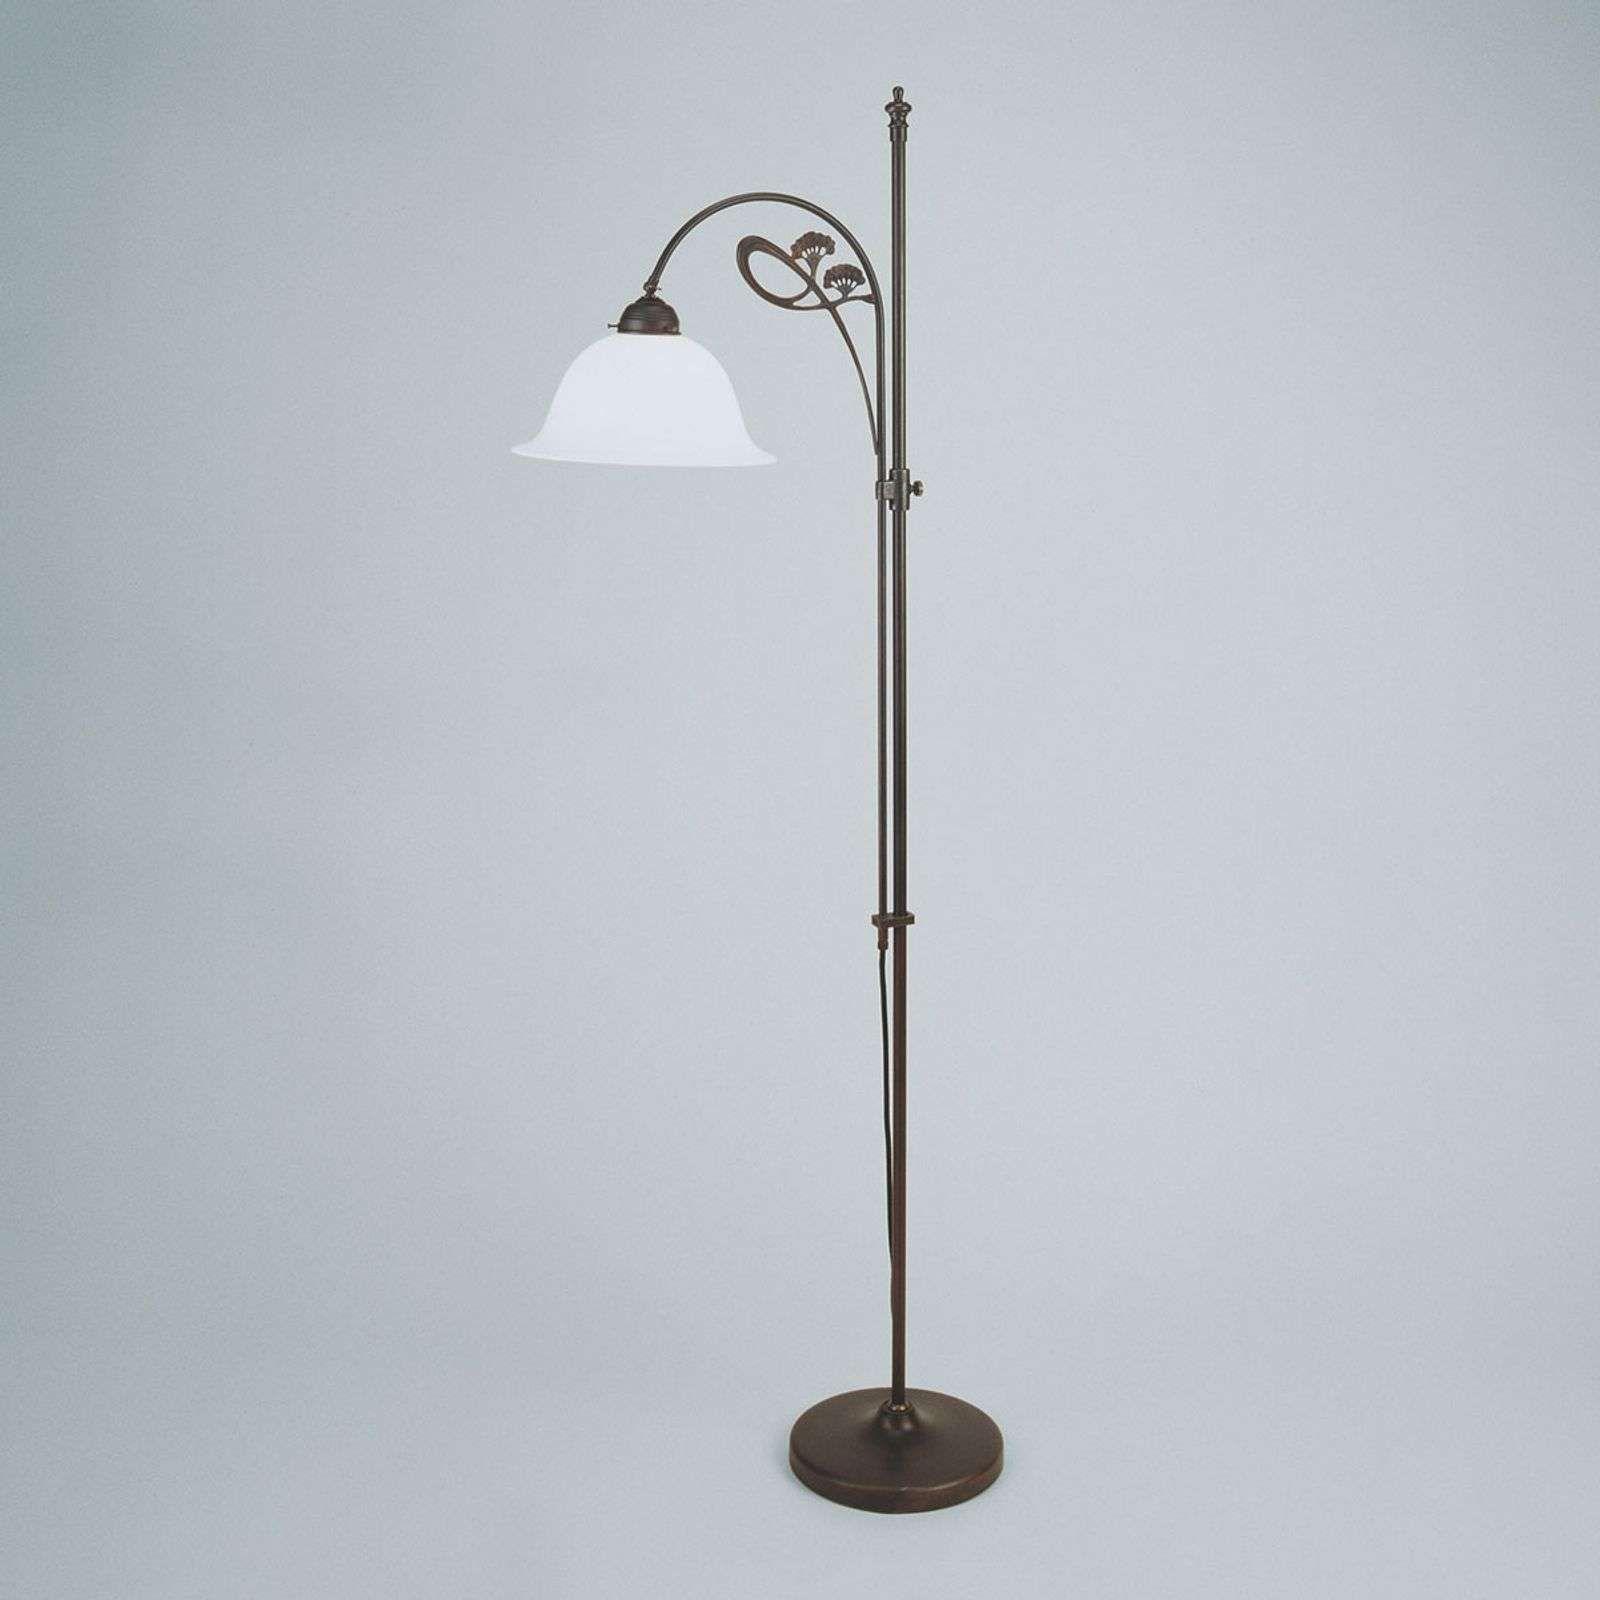 Dezente Stehleuchte Ilka Antike Farbgebung Stehlampe Dimmbar